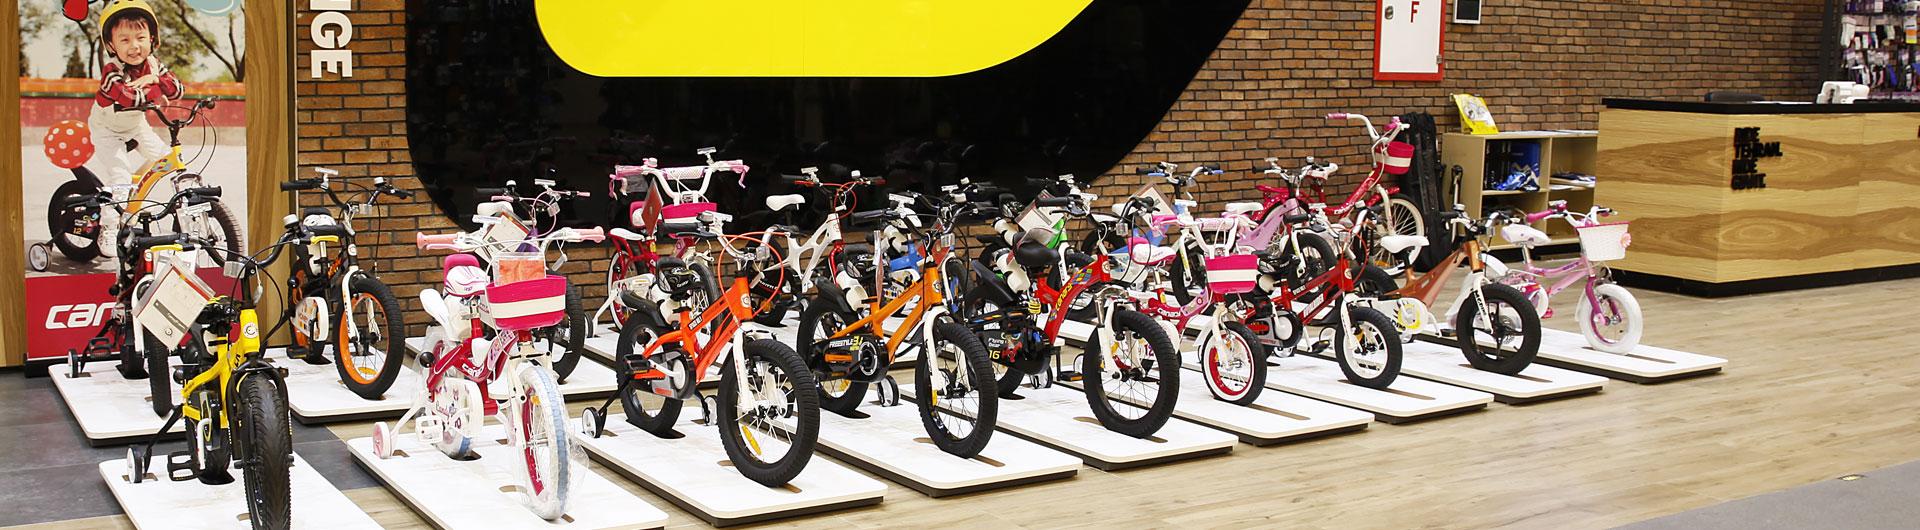 نمایشگاه-دوچرخه-و-لوازم-جاینت-تهران3